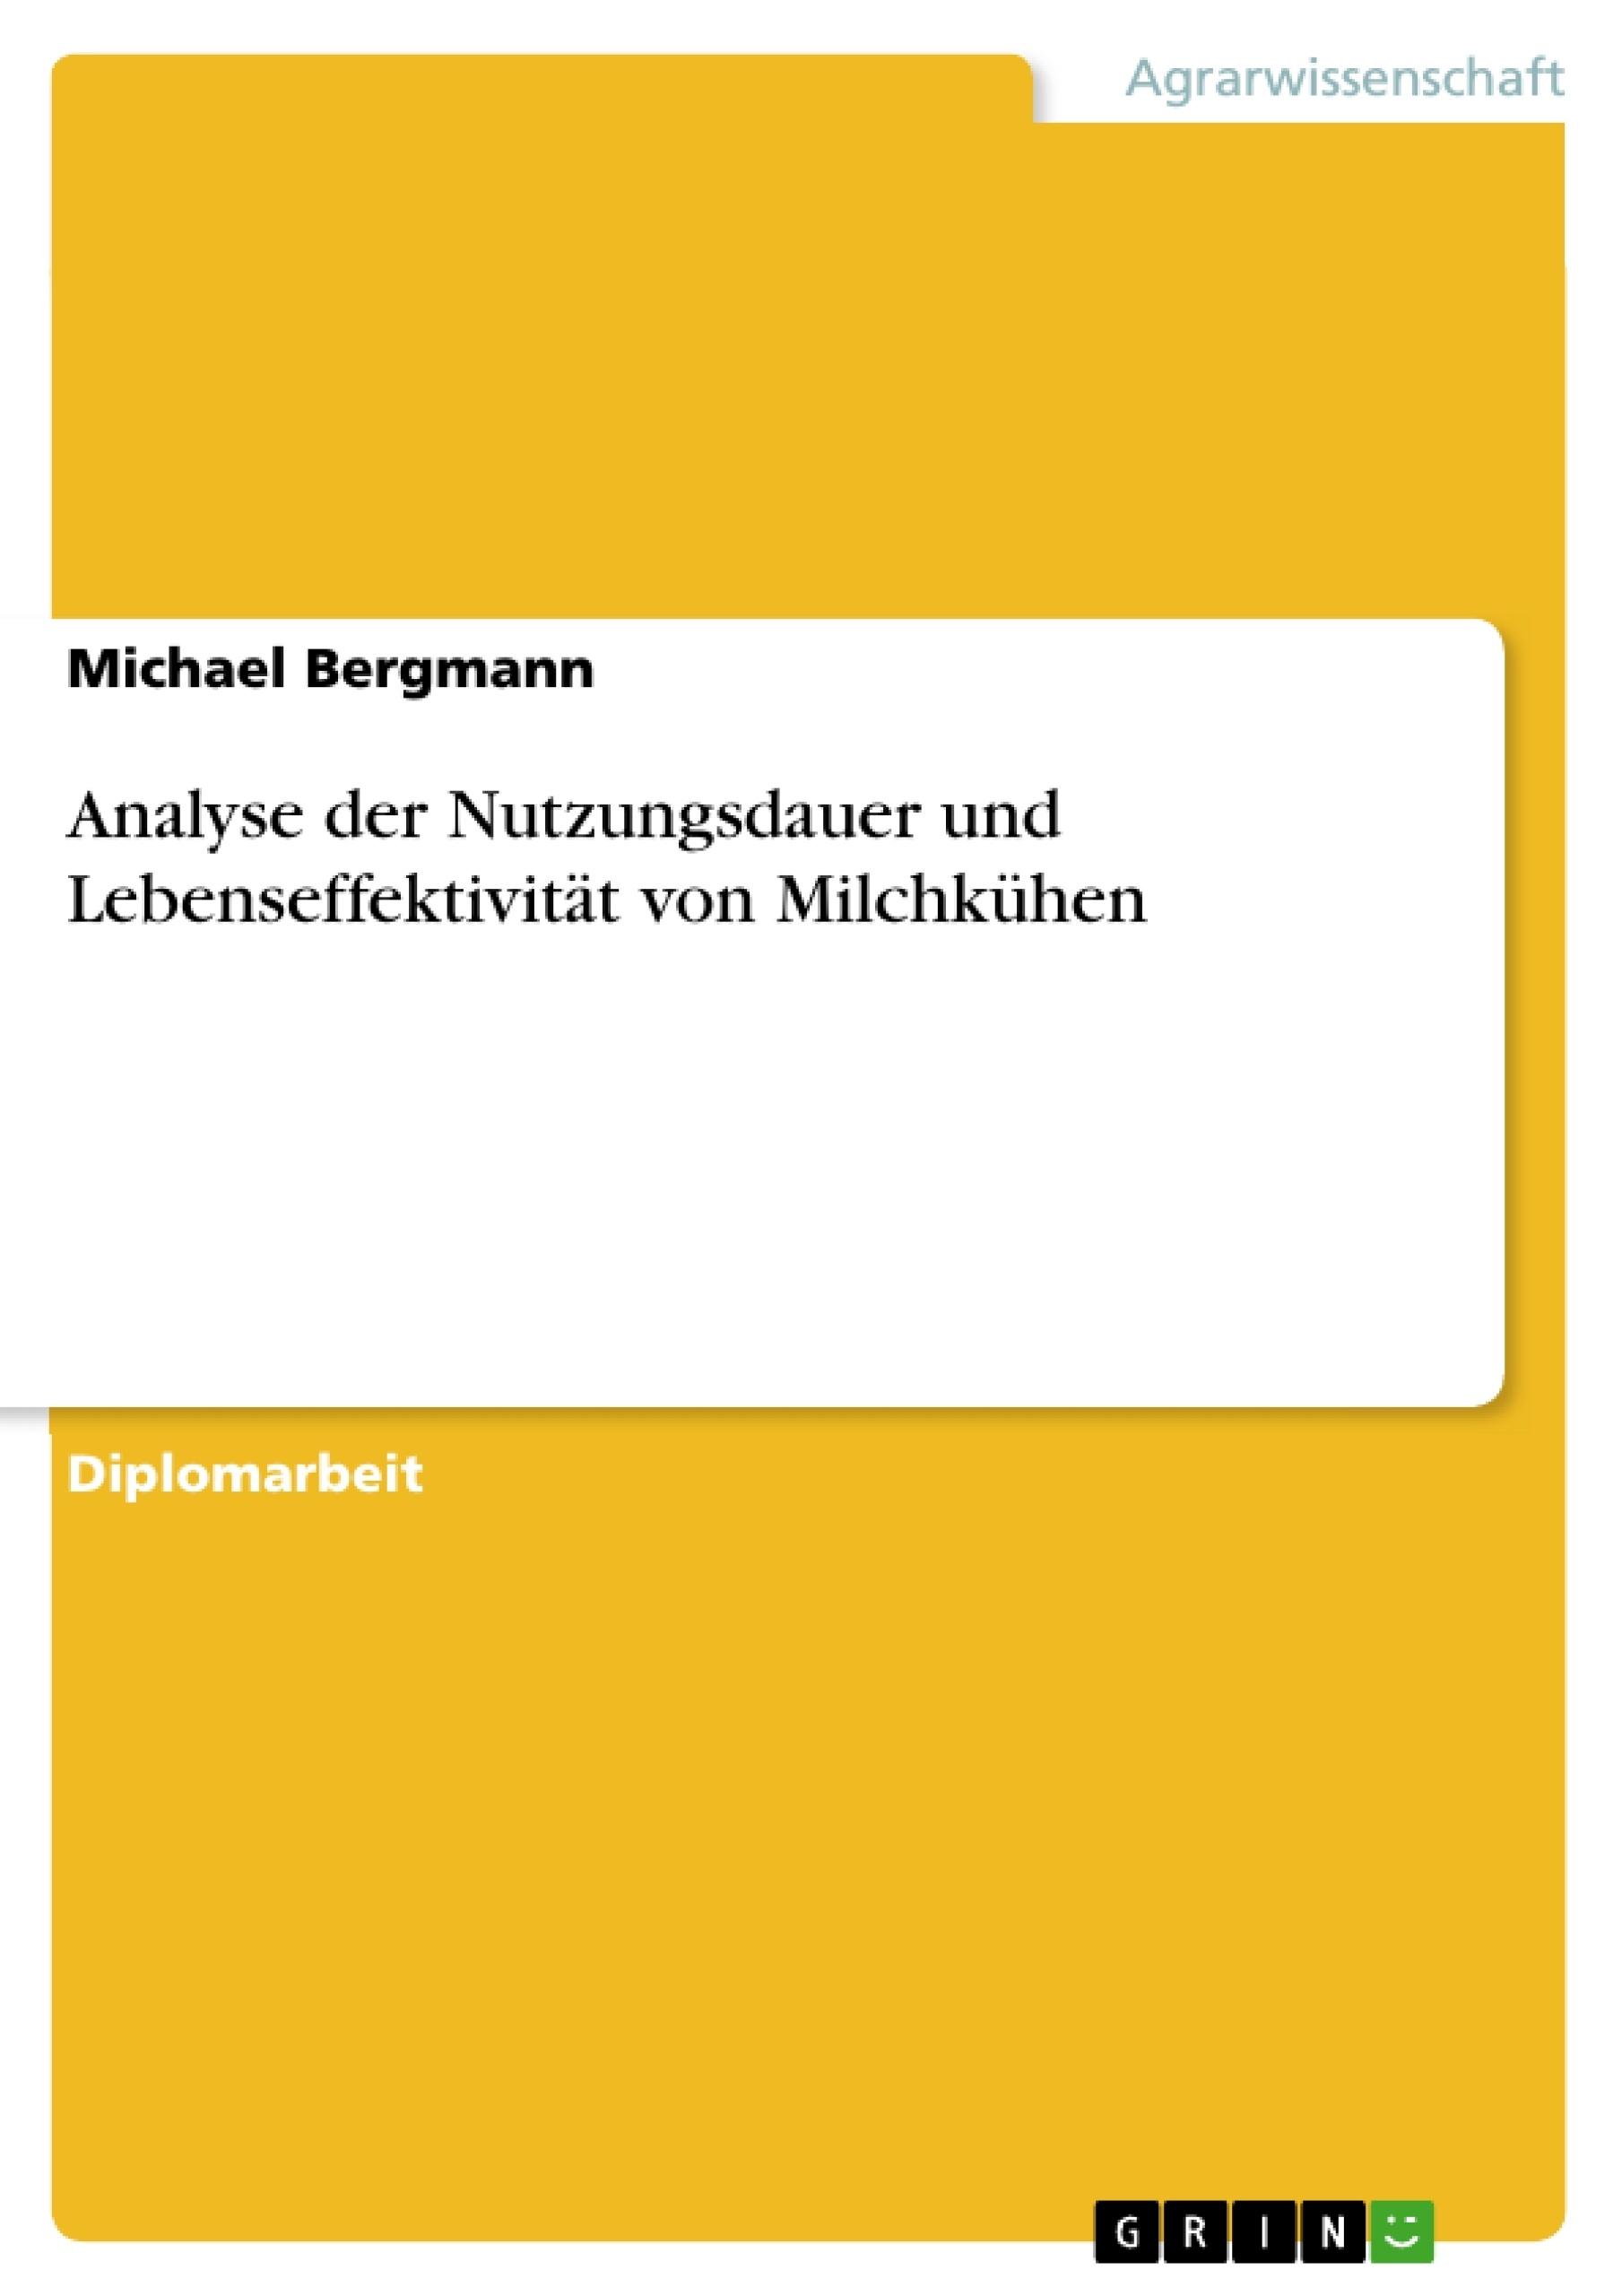 Titel: Analyse der Nutzungsdauer und Lebenseffektivität von Milchkühen